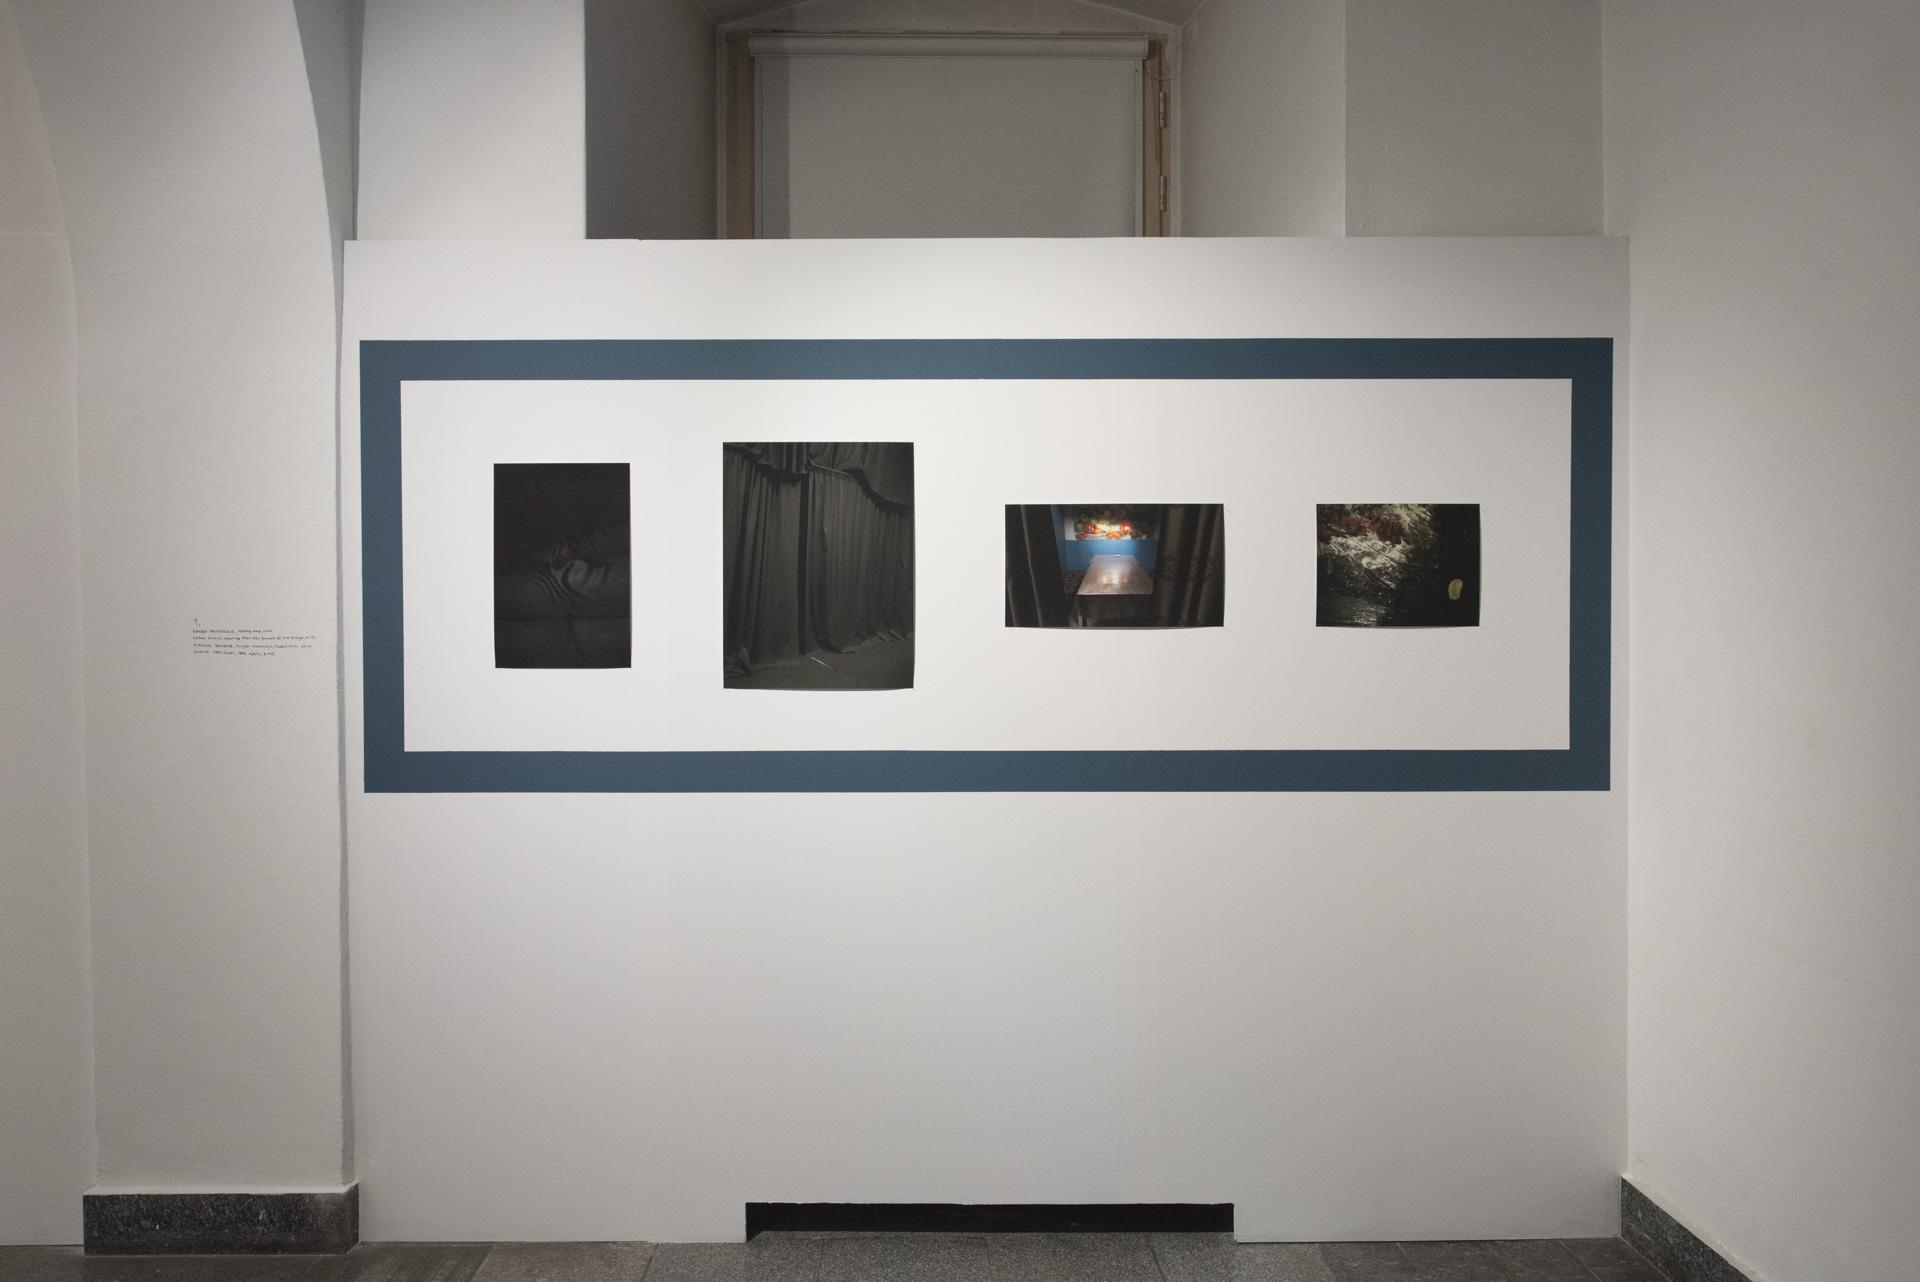 Wyborny trup fotografii polskiej, widok wystawy